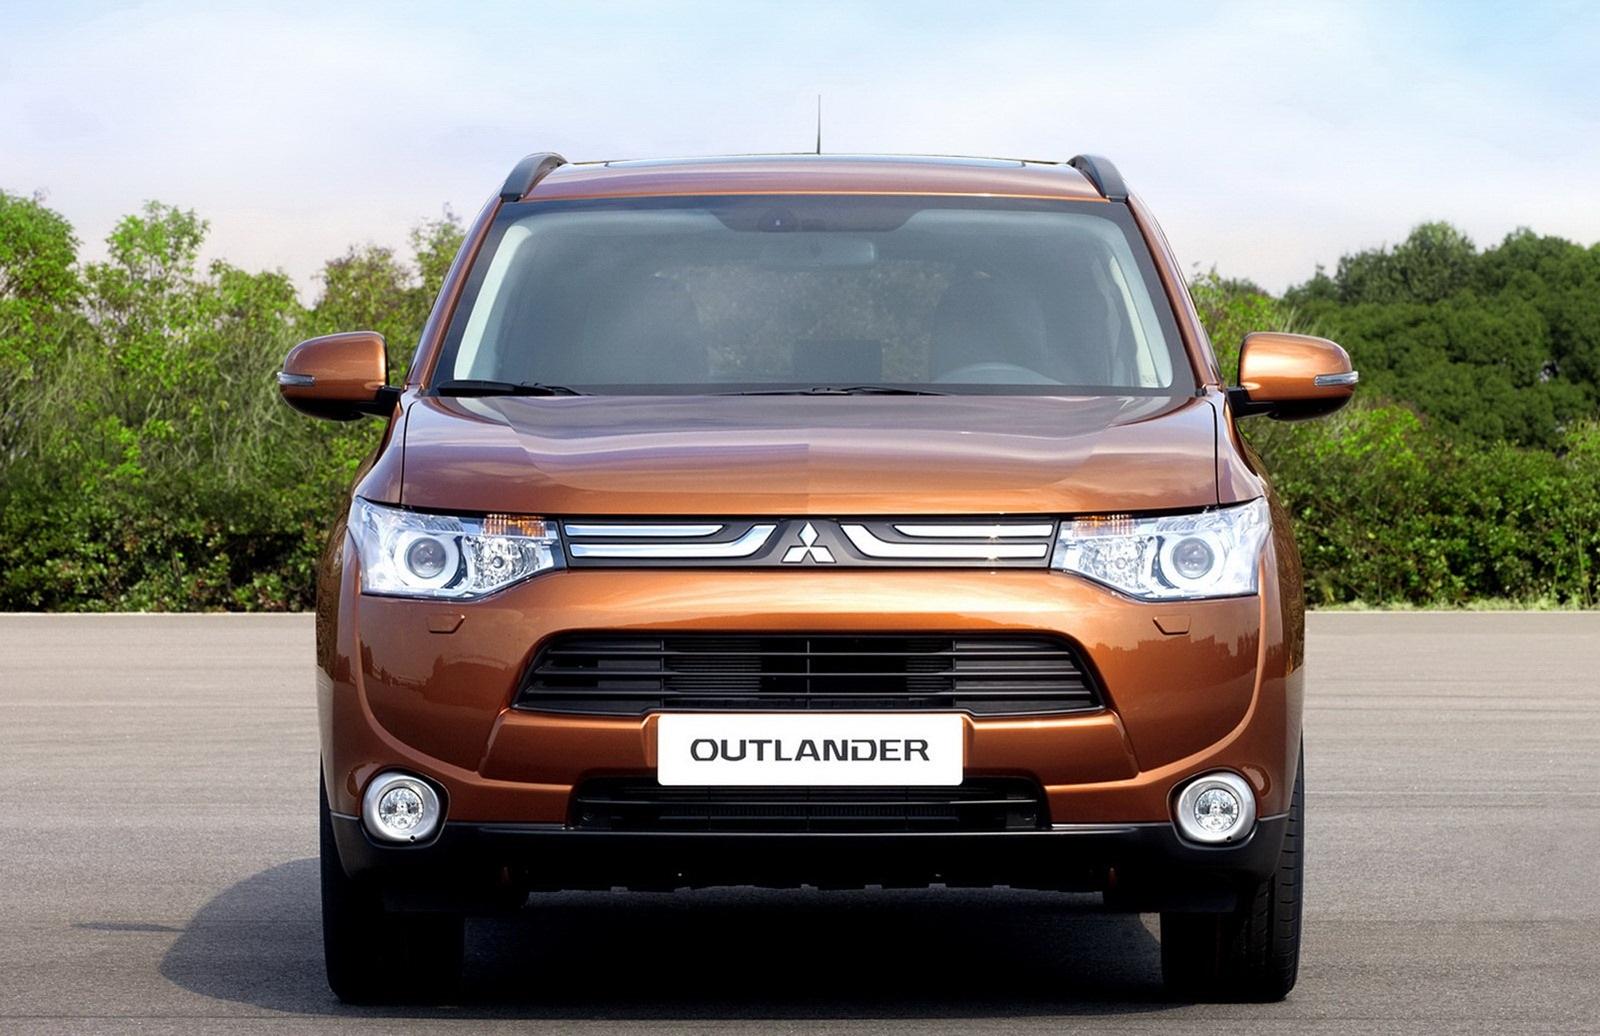 Nova Geração do Mitsubishi Outlander